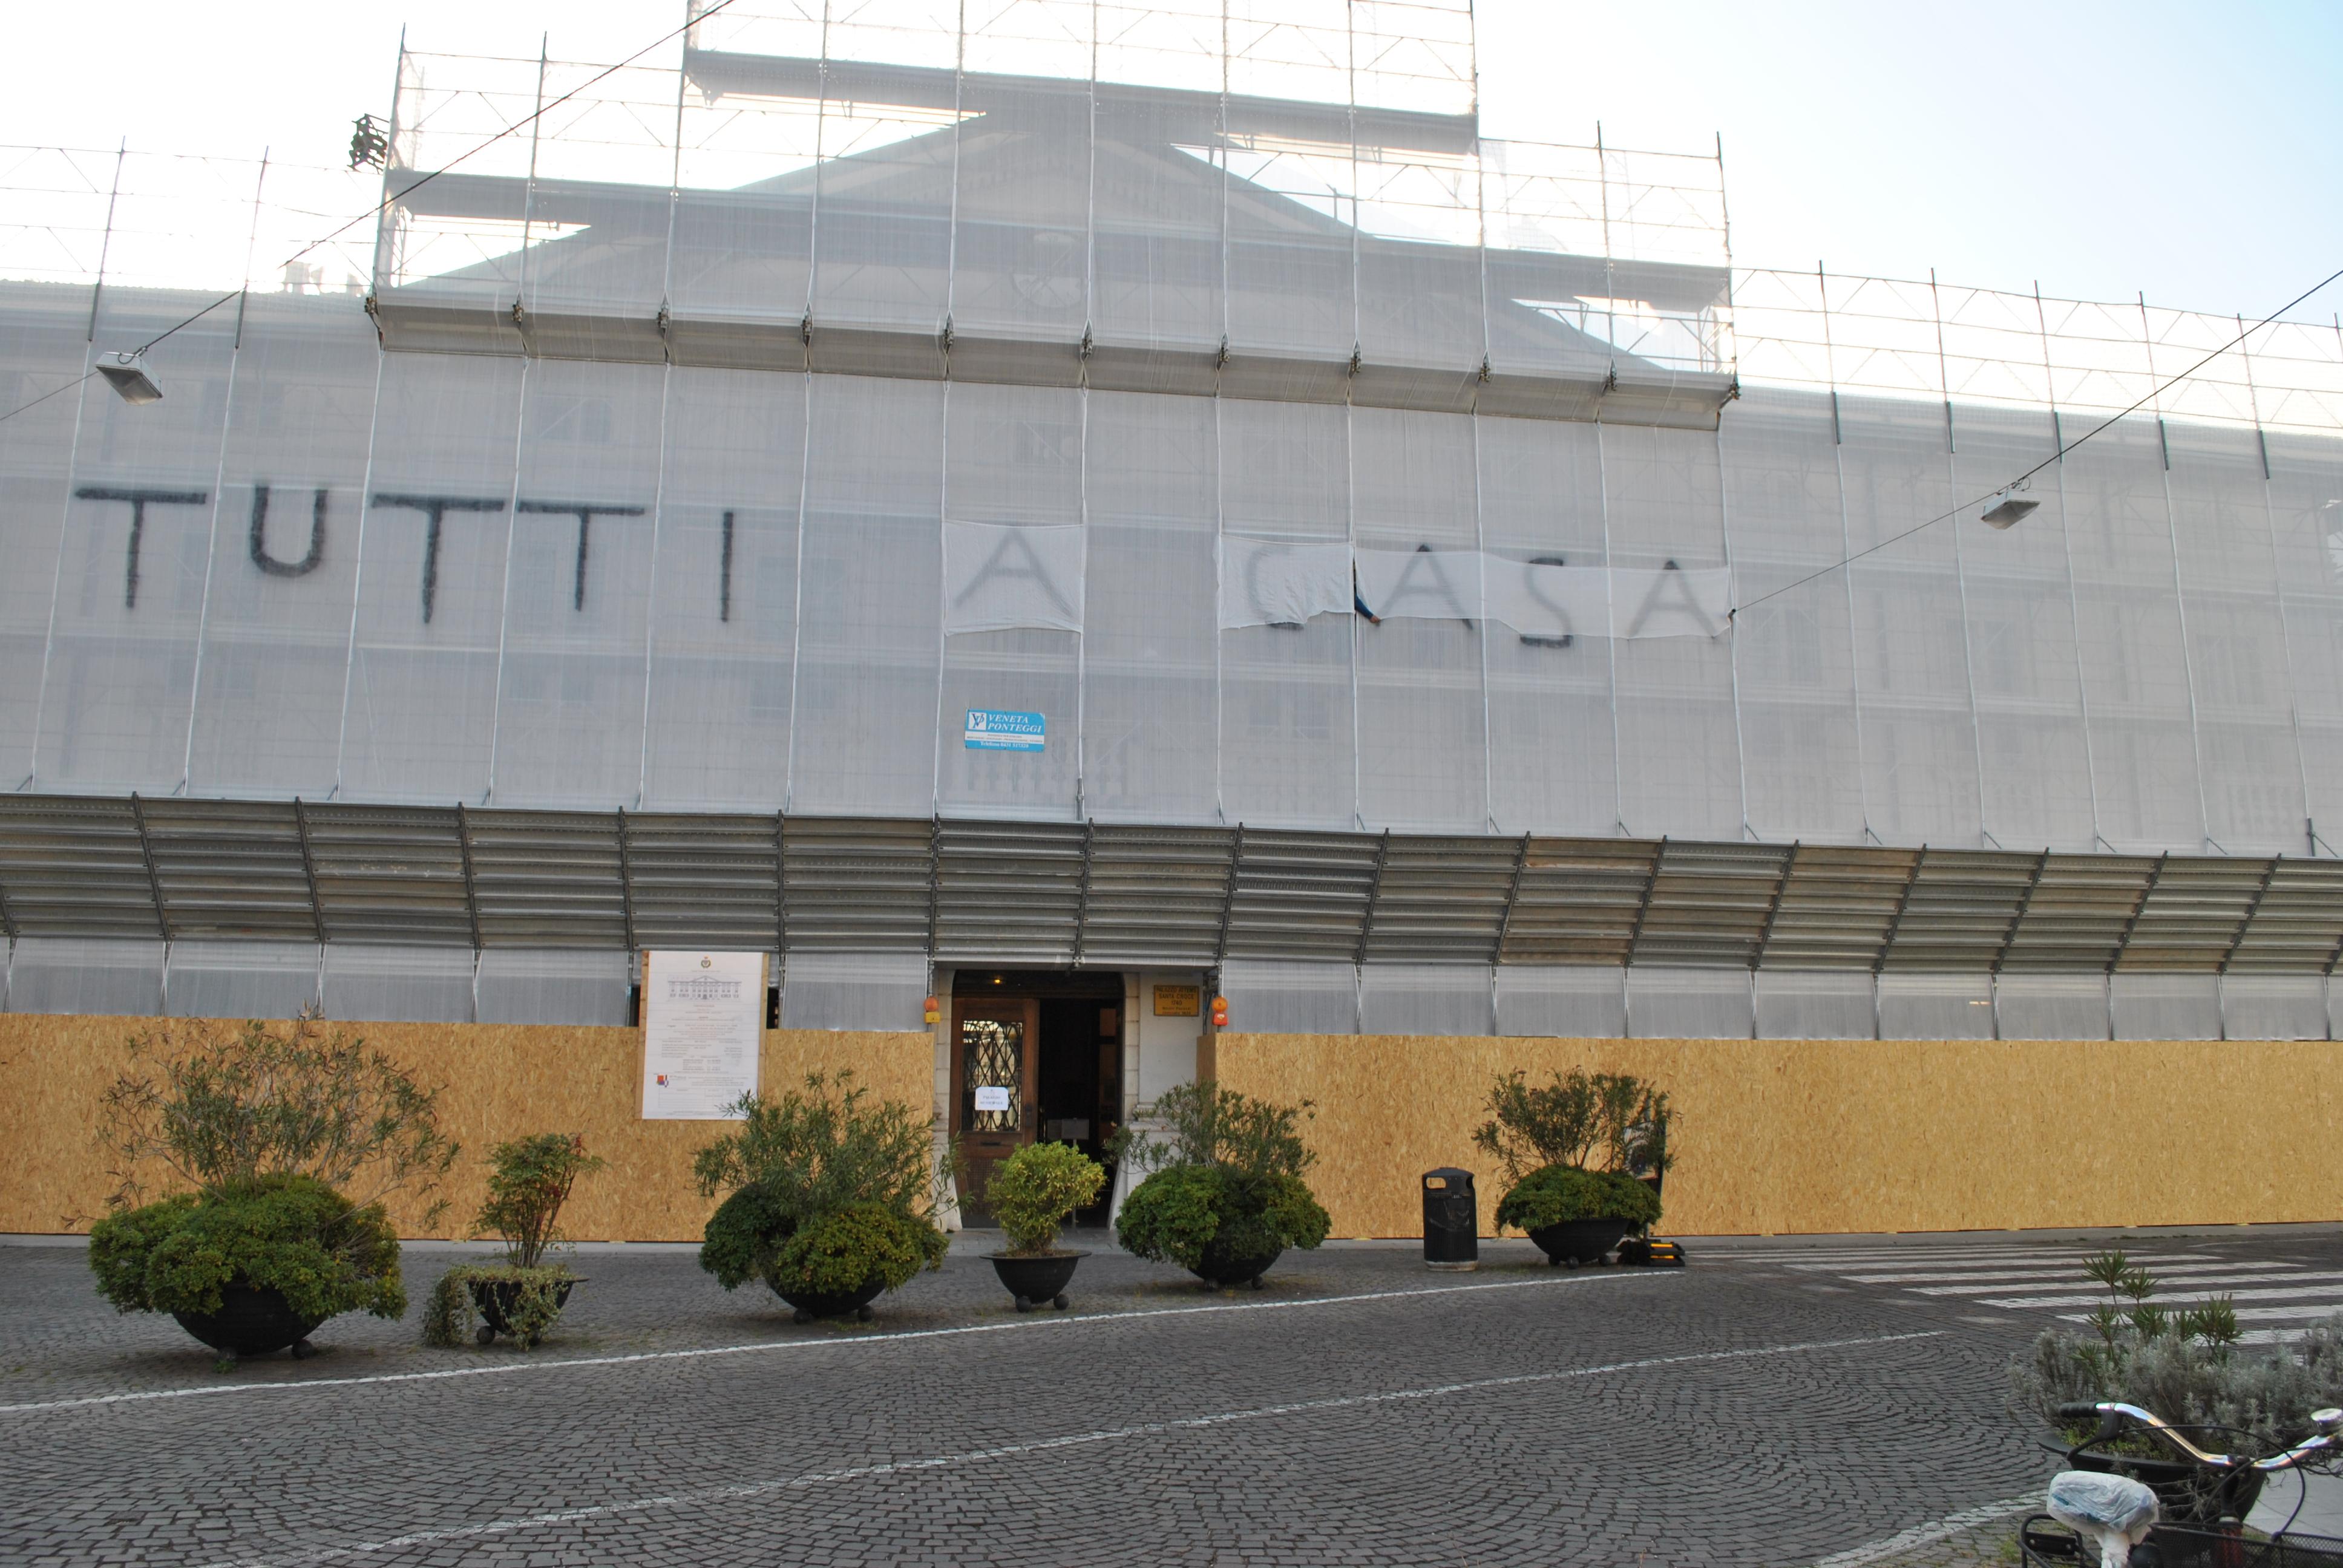 Copertina per Pesce d'aprile sul municipio di Gorizia, il cantiere diventa una tela per i vandali